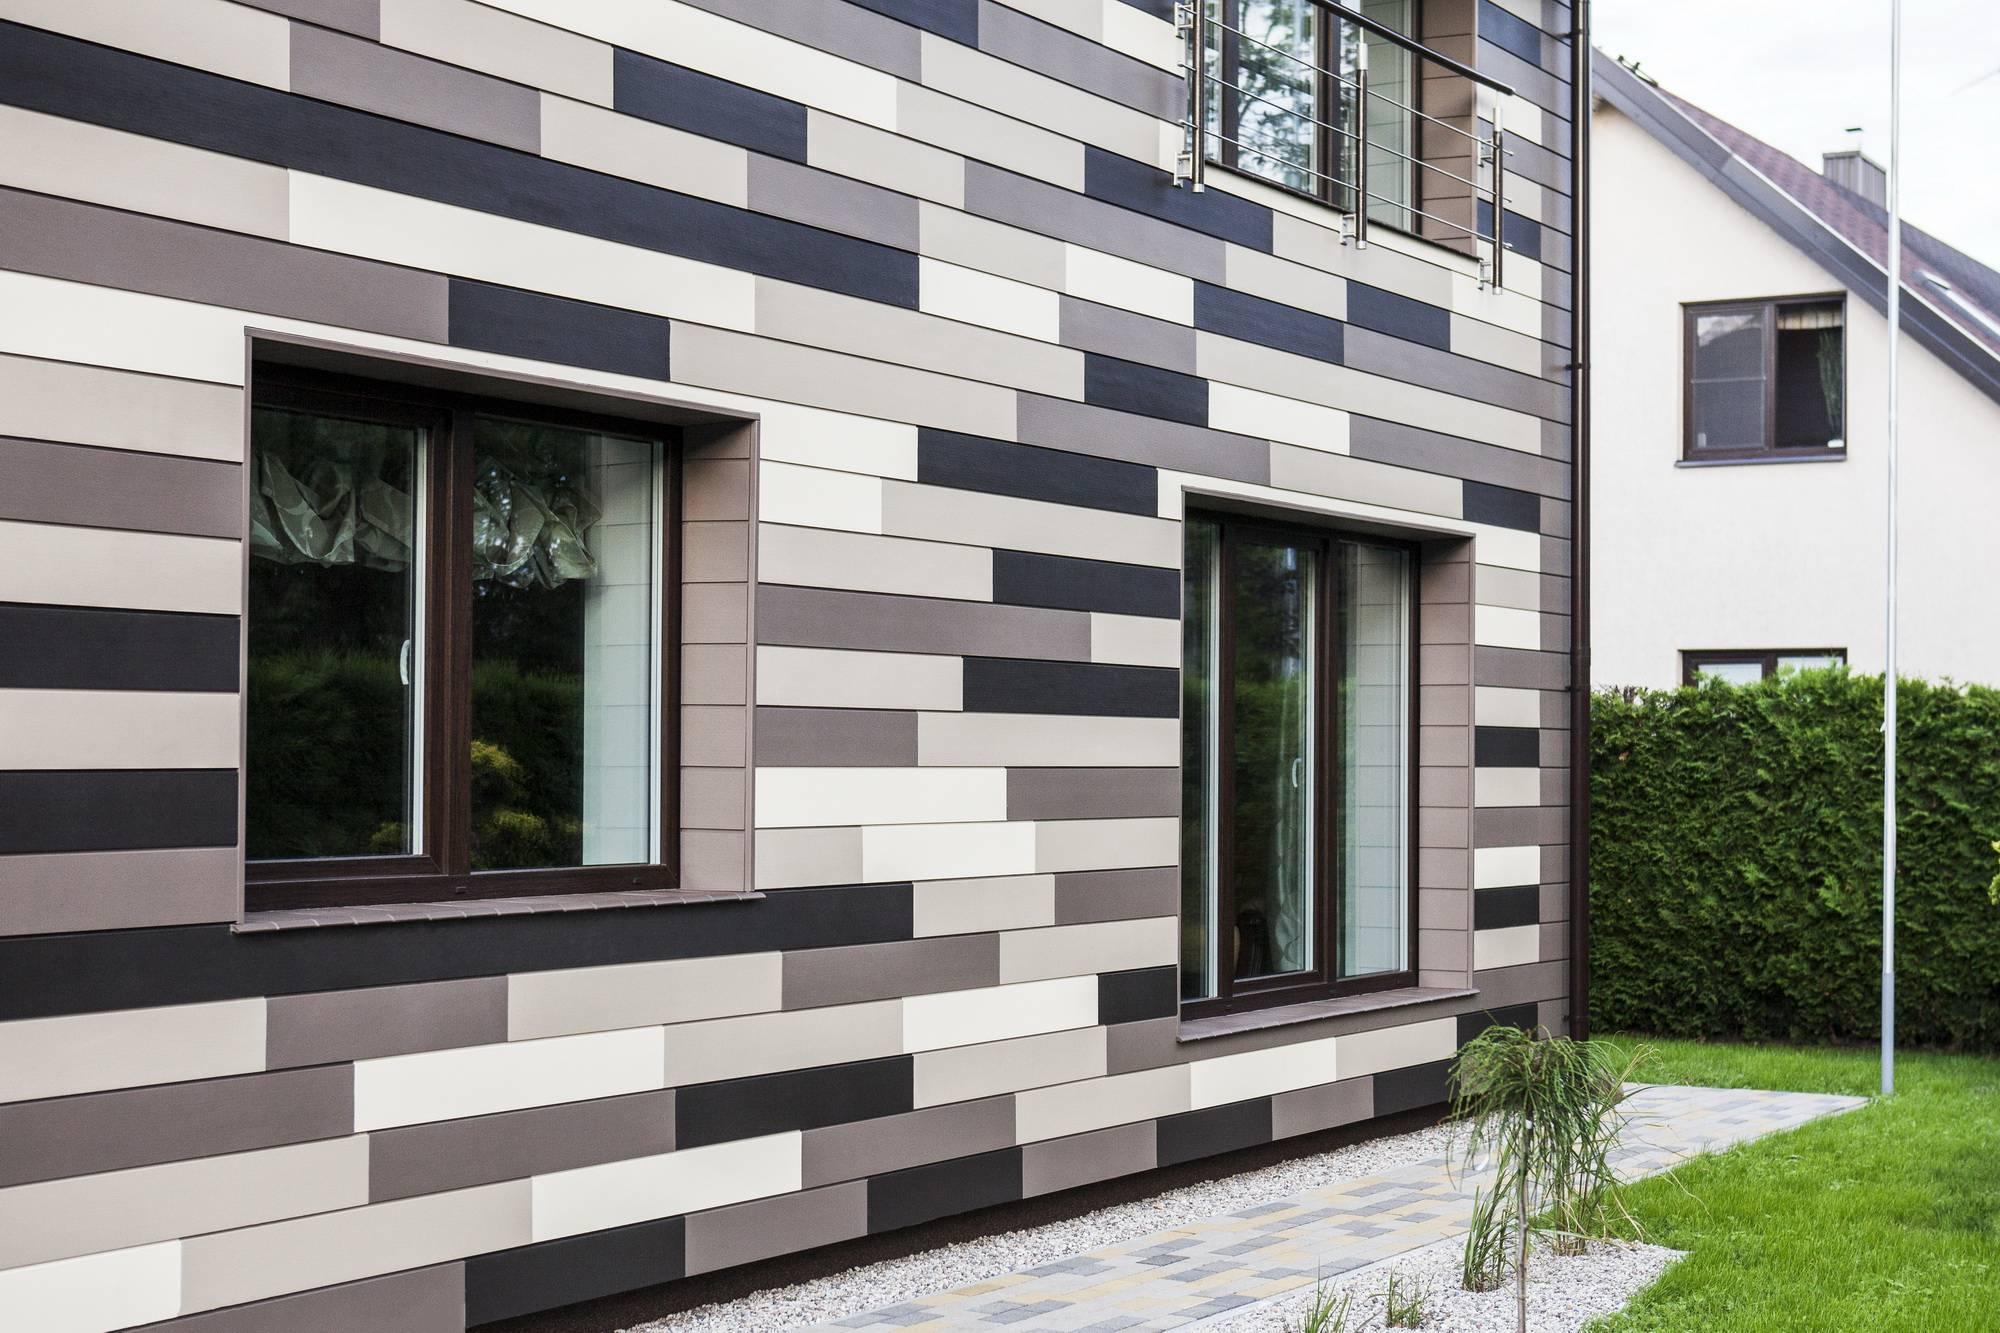 Фиброцементные панели для наружной отделки дома: характеристики и монтаж